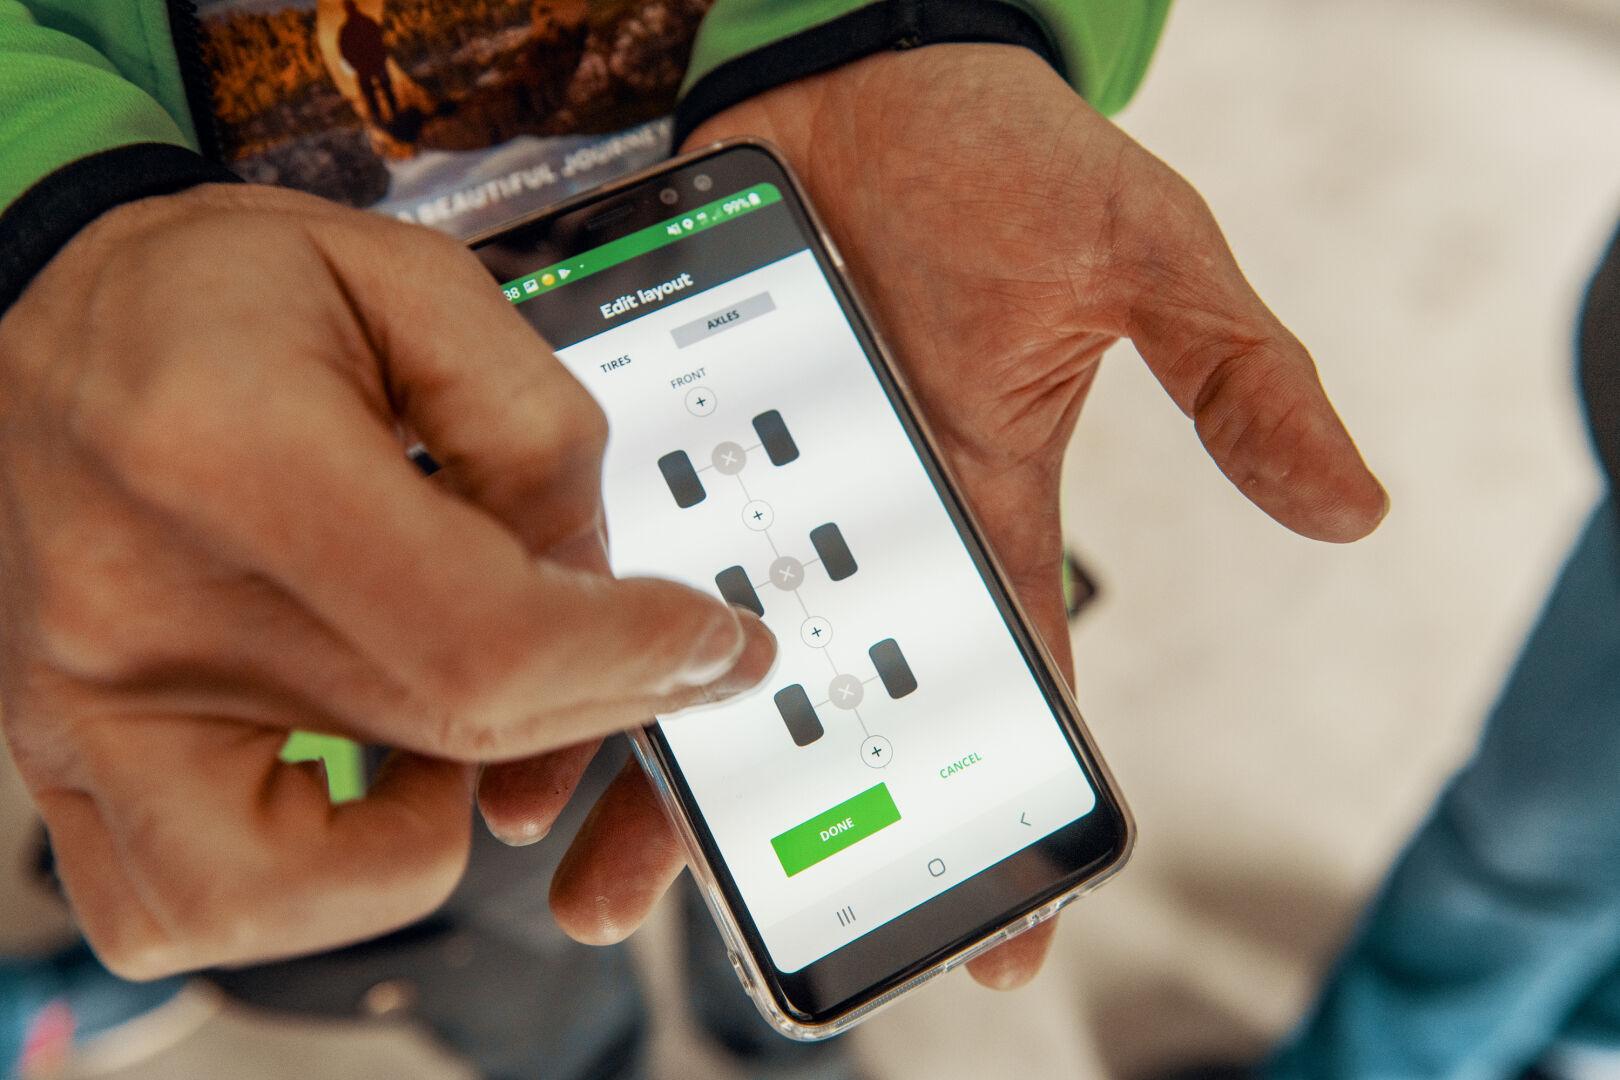 Anvelopele inteligente, in curand pe piata: Cum vor beneficia consumatorii de tehnologia cu senzori?